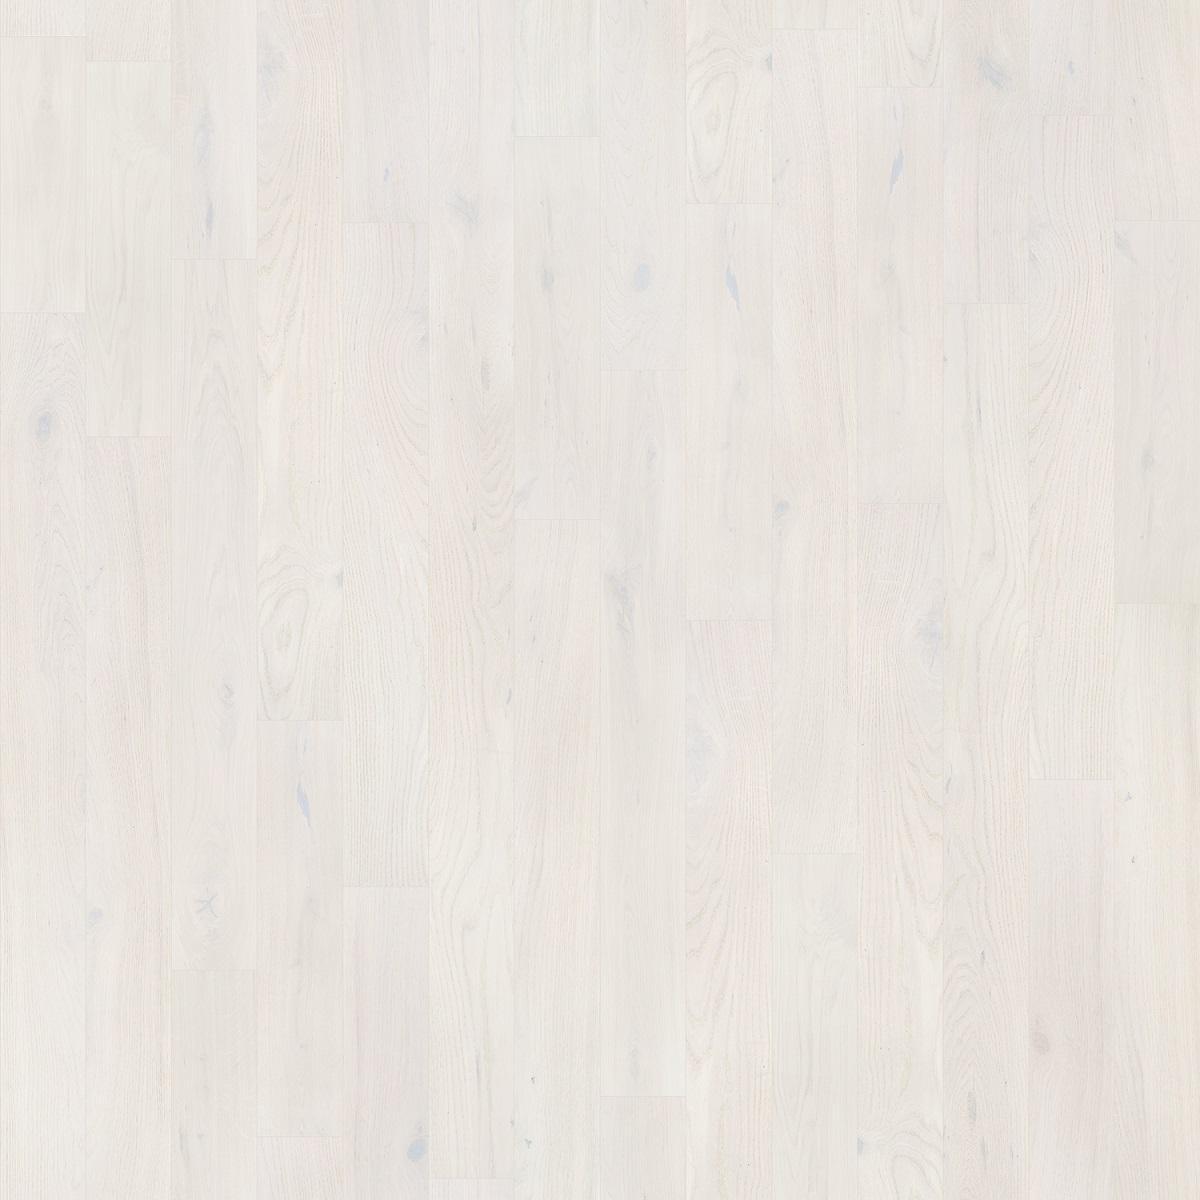 Инженерная доска Coswick Дуб Кристально Белый